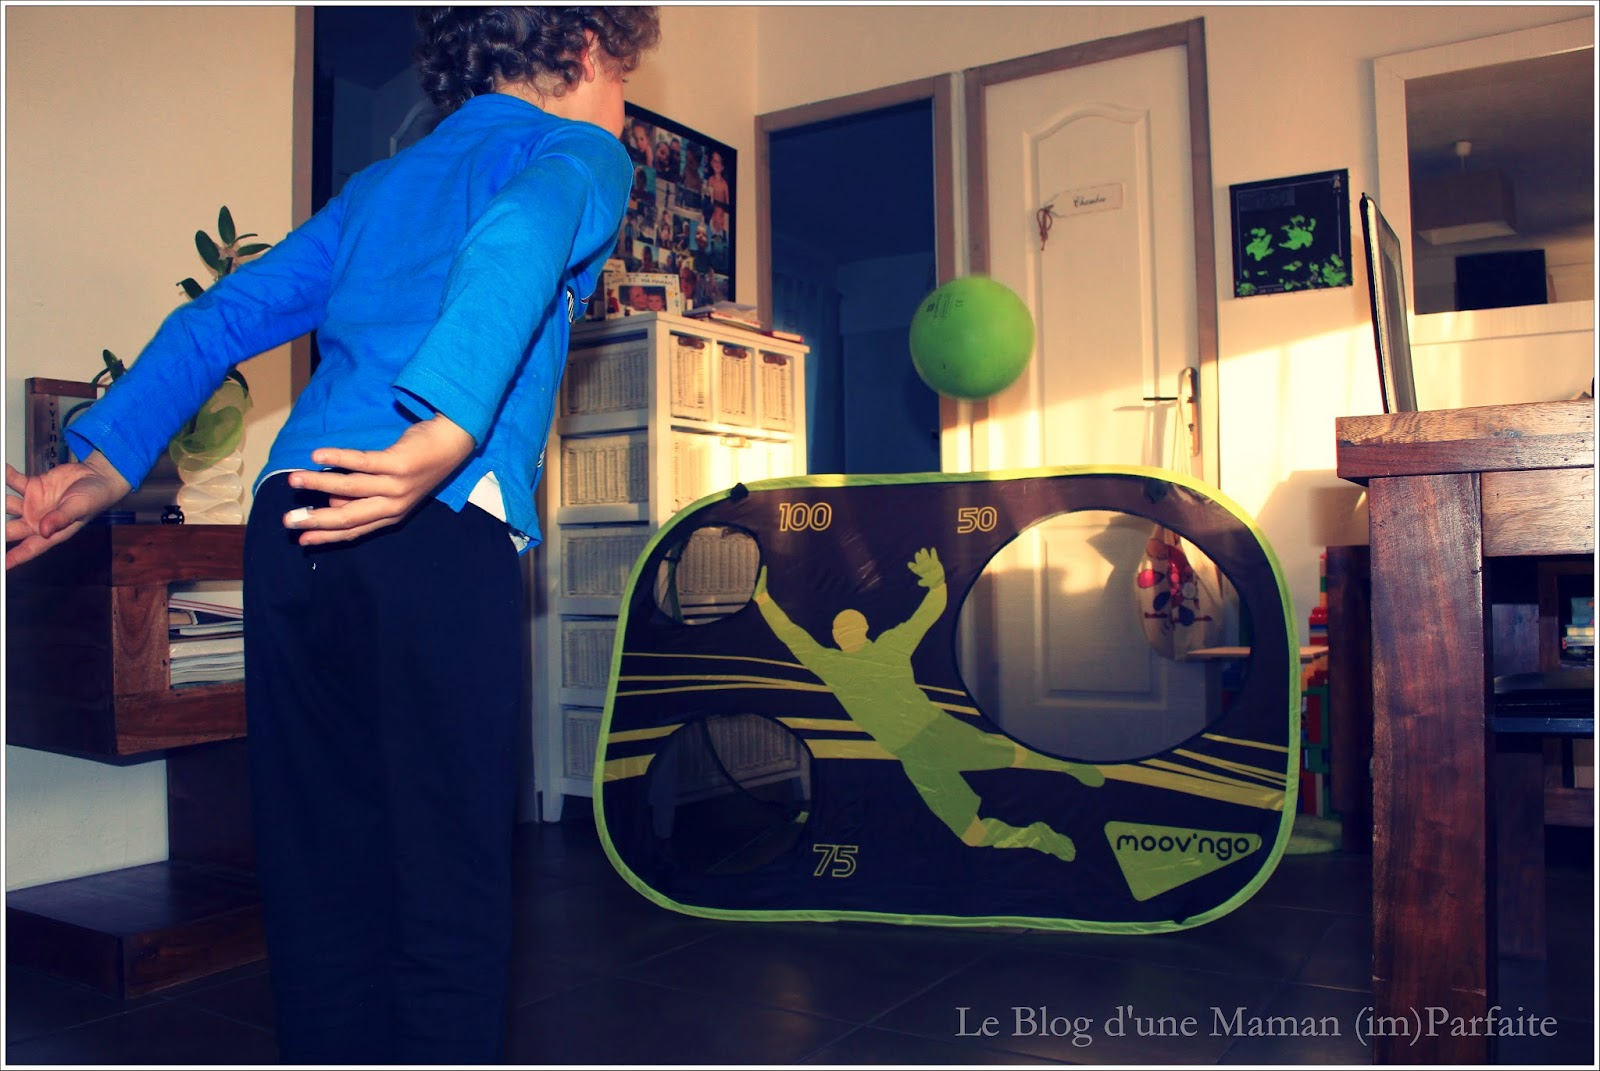 Le Blog d'une Maman (im)Parfaite